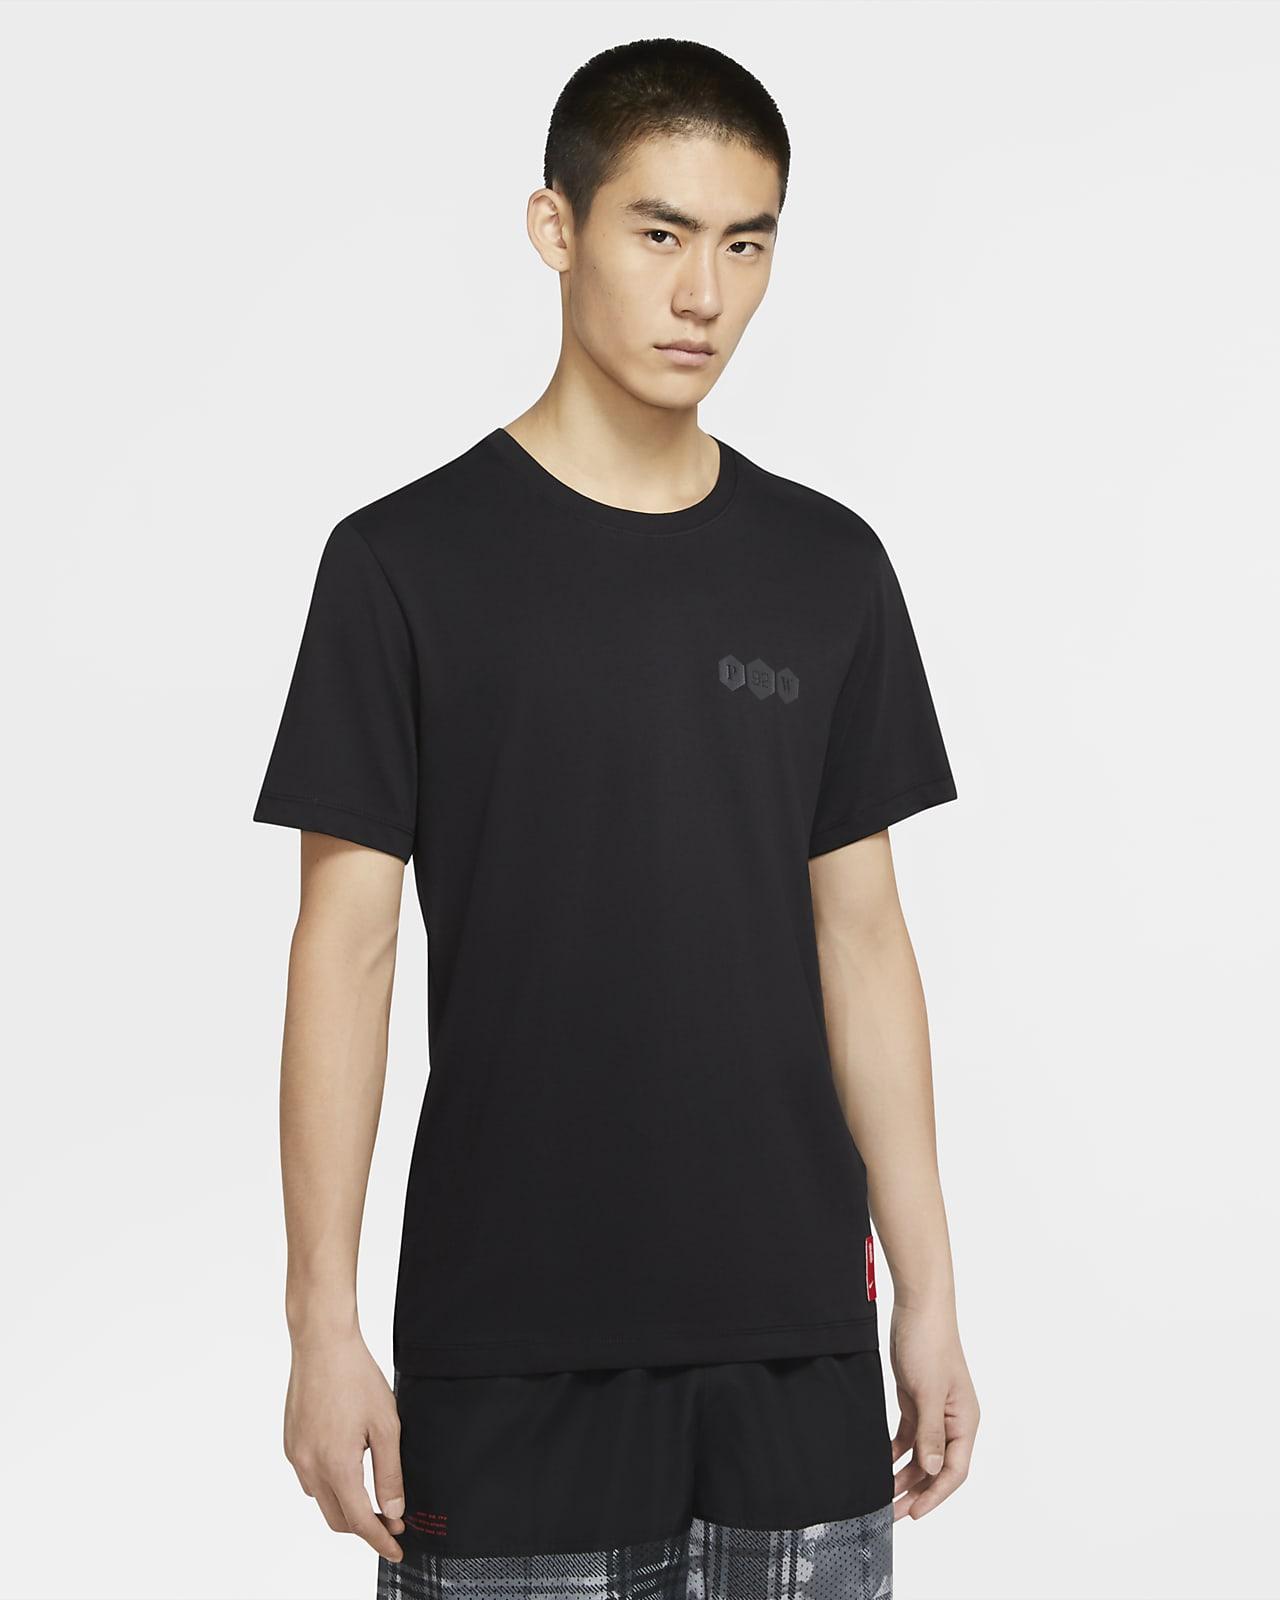 เสื้อยืดบาสเก็ตบอลผู้ชาย Nike Dri-FIT Kyrie Logo